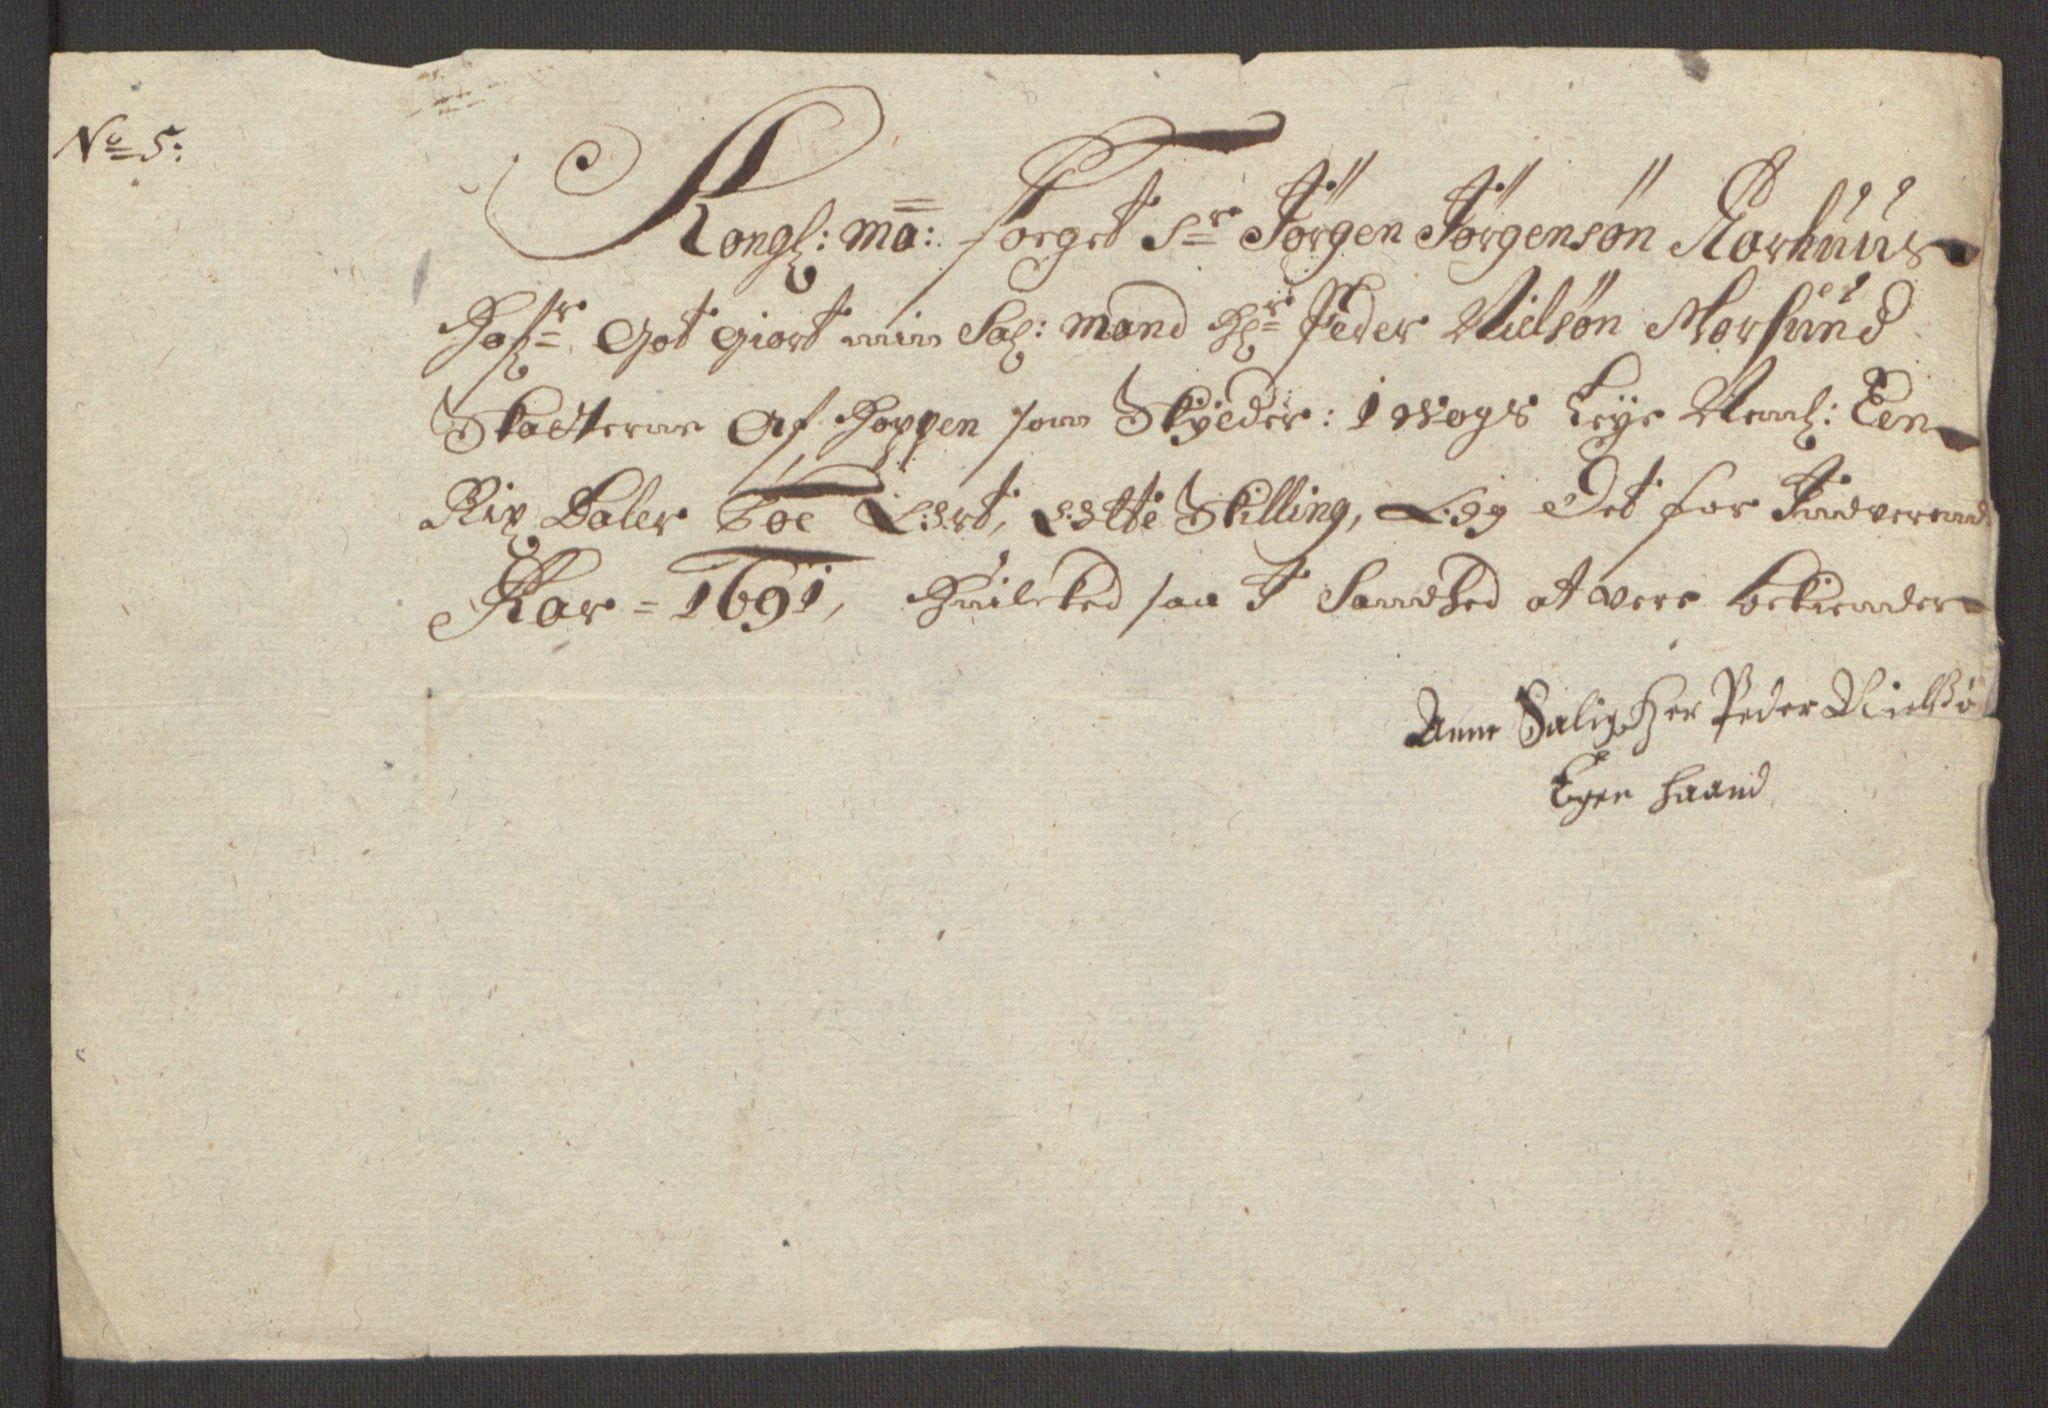 RA, Rentekammeret inntil 1814, Reviderte regnskaper, Fogderegnskap, R65/L4504: Fogderegnskap Helgeland, 1691-1692, s. 147